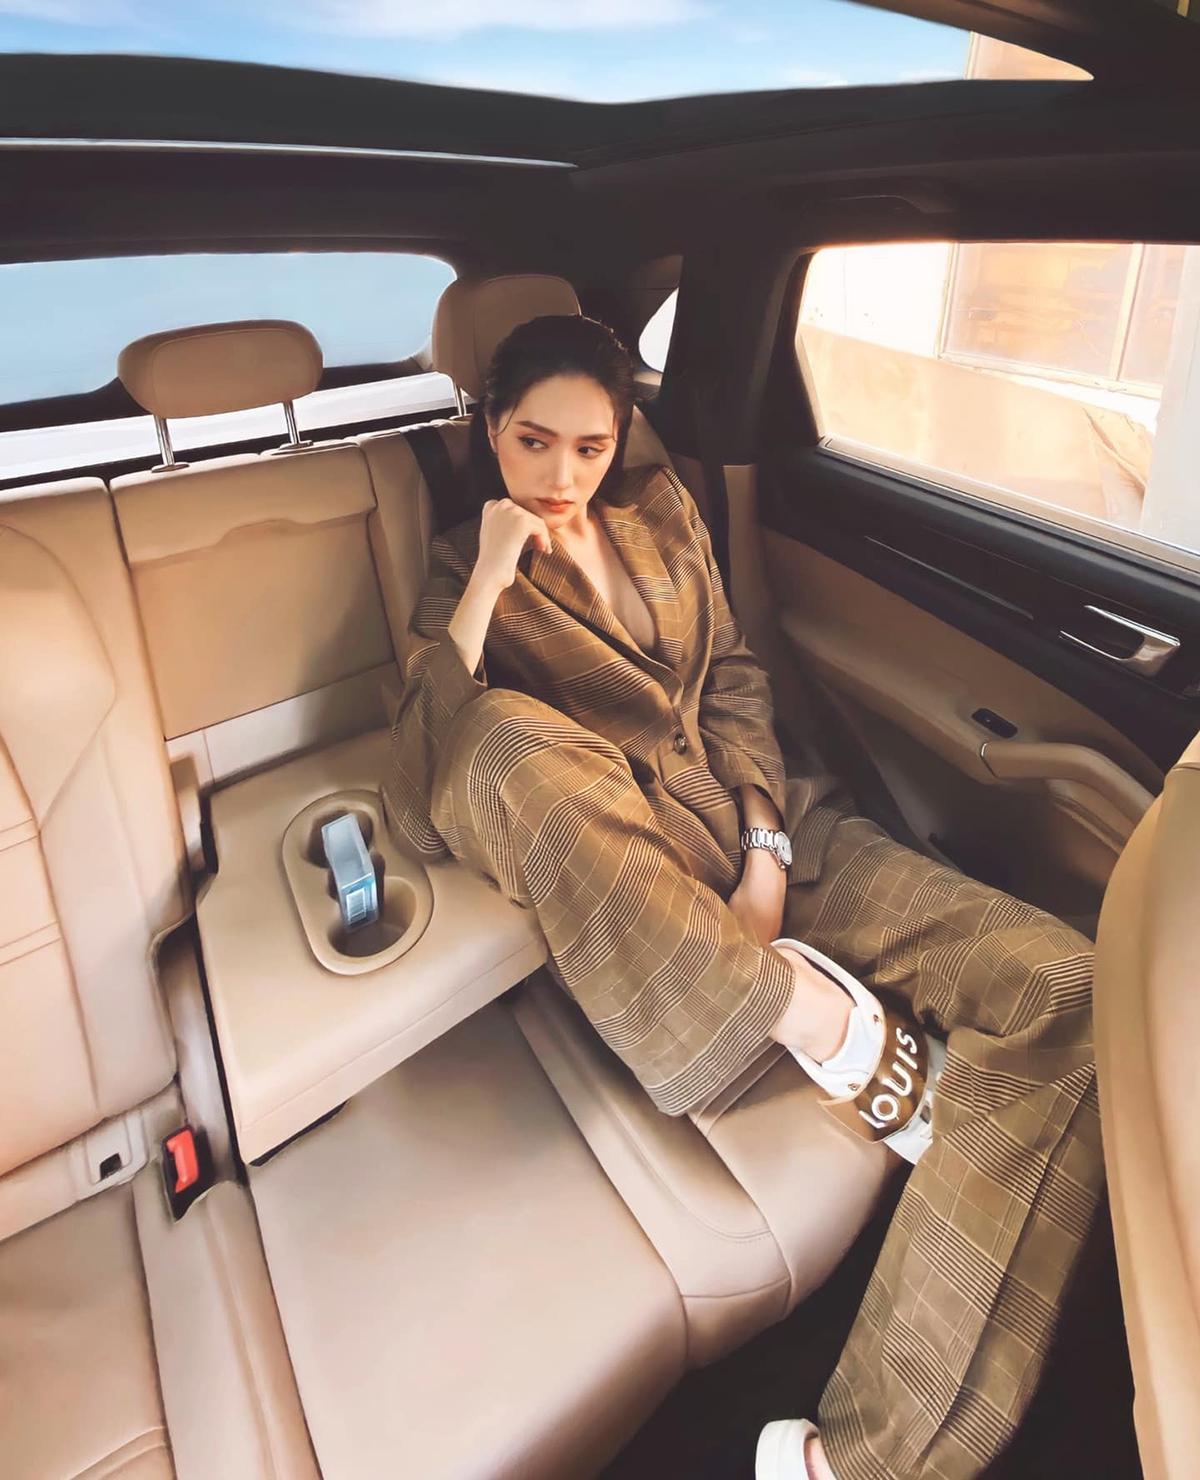 Cùng với ống kính góc rộng, chỉ cần giơ máy lên bấm, Hương Giang đã có bức ảnh khoe street style chất lừ chẳng khác gì kỳ công ra phố. Trên xe, người đẹp cũng cho thấy phong cách thay đổi rất đa dạng.